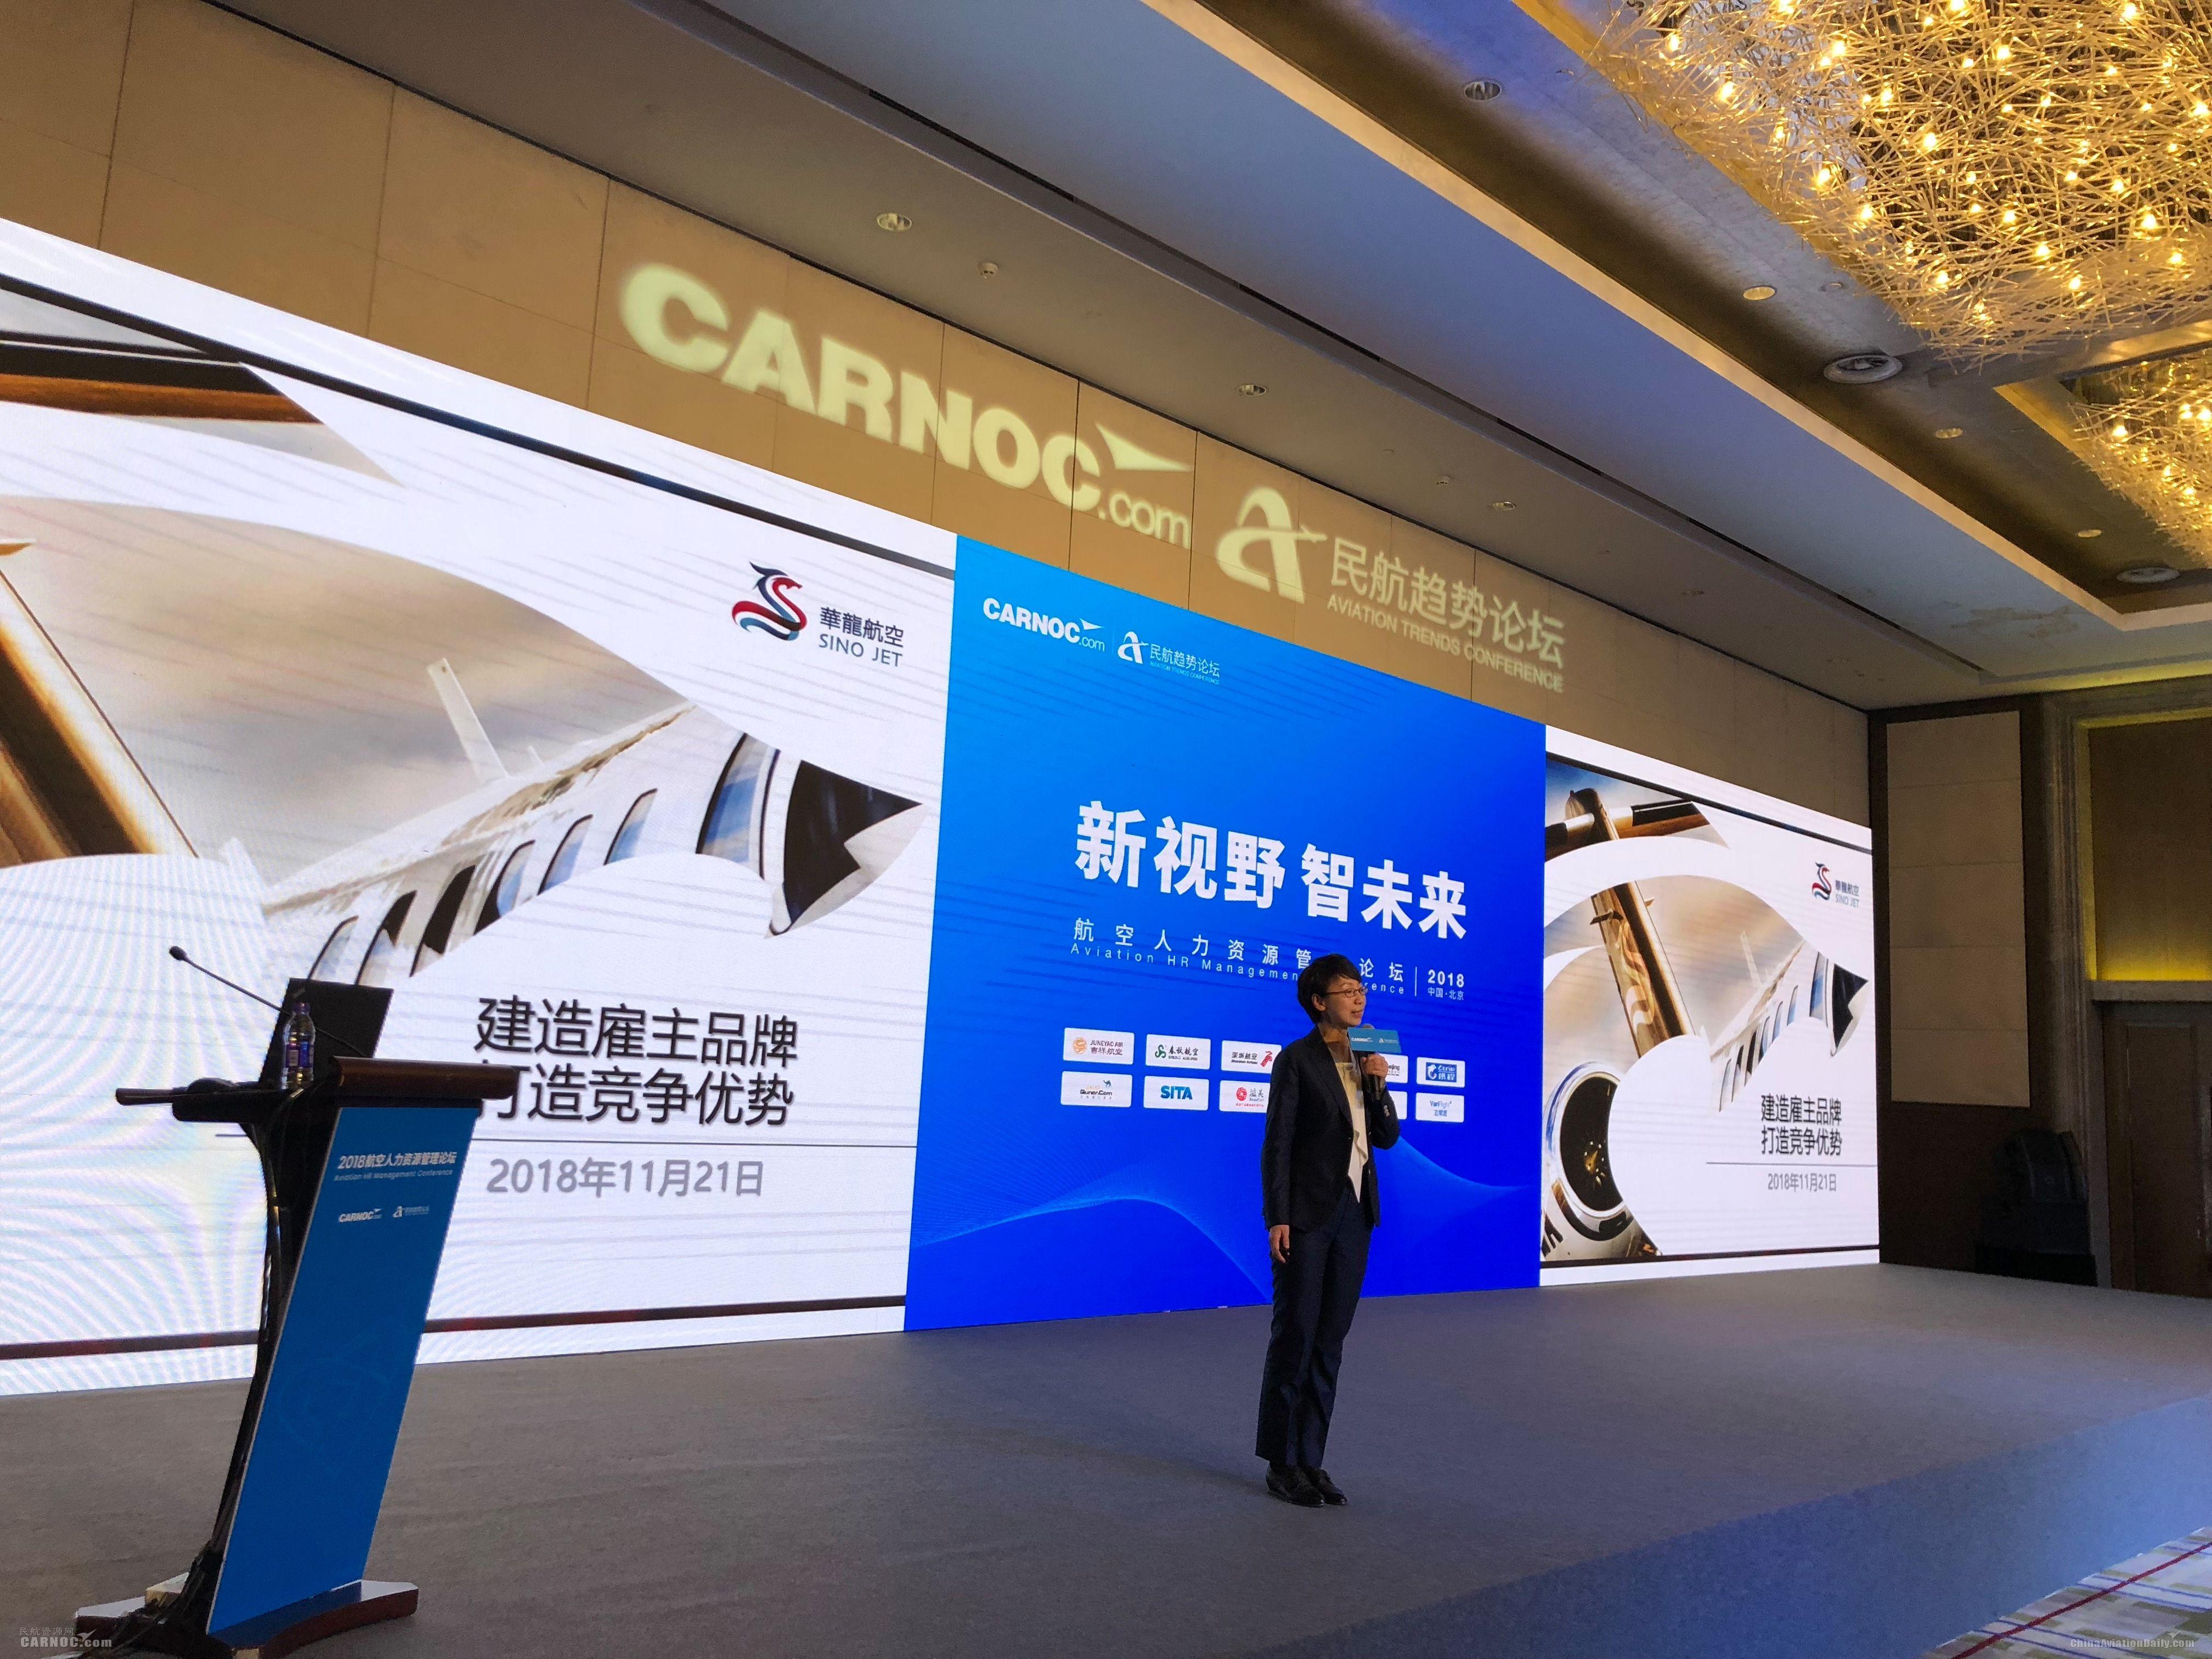 华龙航空人资行政总监梁蔚敏女士现场发表了题为《建设雇主品牌,打造竞争优势》的演讲。